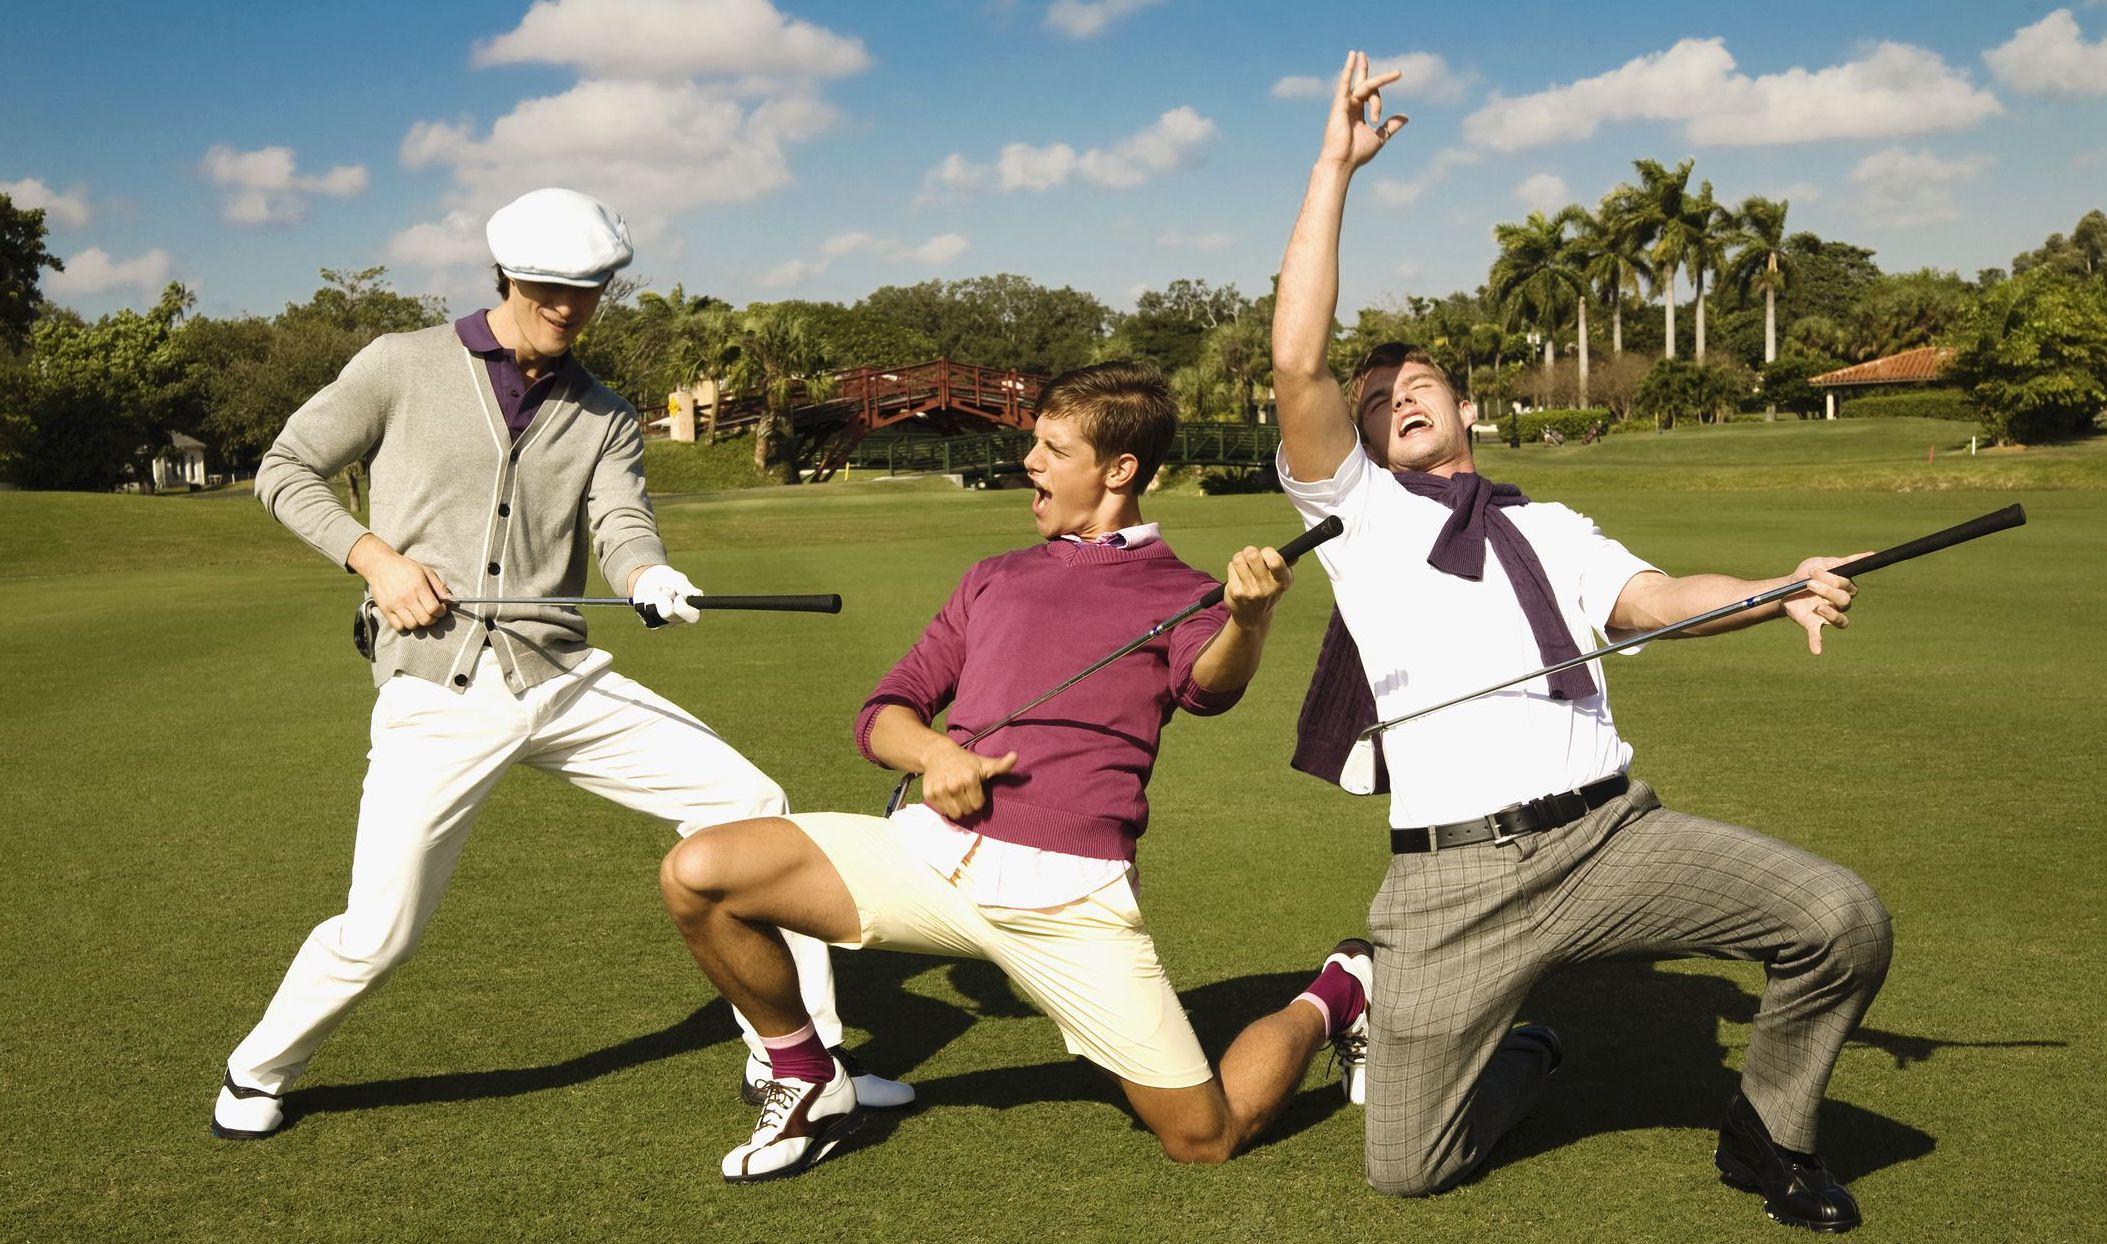 Disfrutar (aún más) del golf es posible.